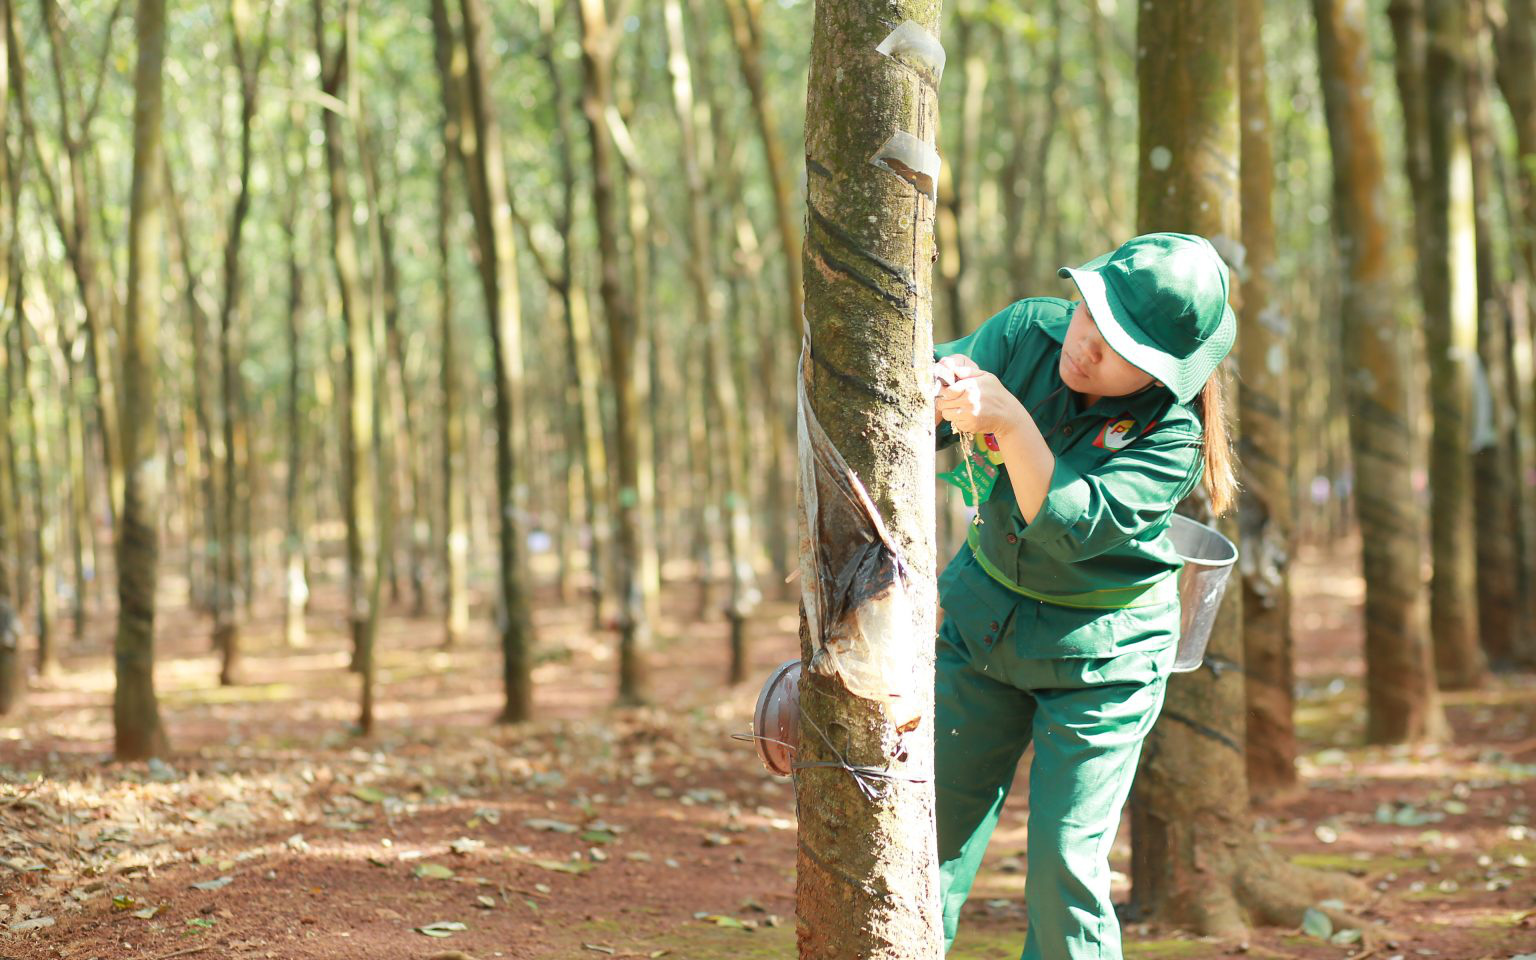 Trung Quốc - Ấn Độ ồ ạt gom hàng, vừa vào vụ, doanh nghiệp đã 3 lần tăng giá thu mua loại nông sản này